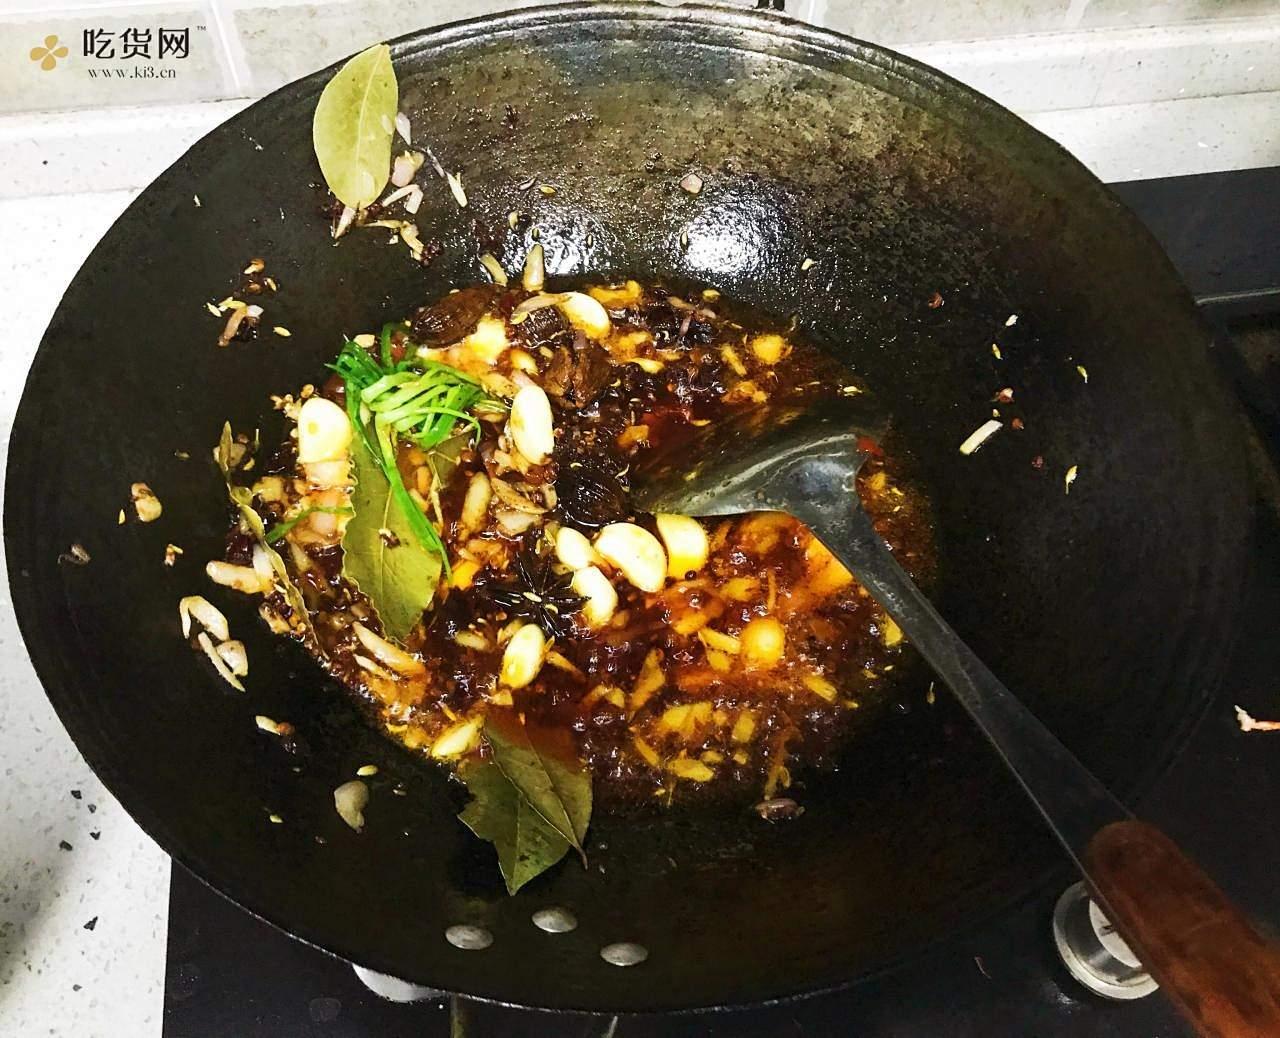 麻辣小龙虾(#湘潭篇)的做法 步骤5